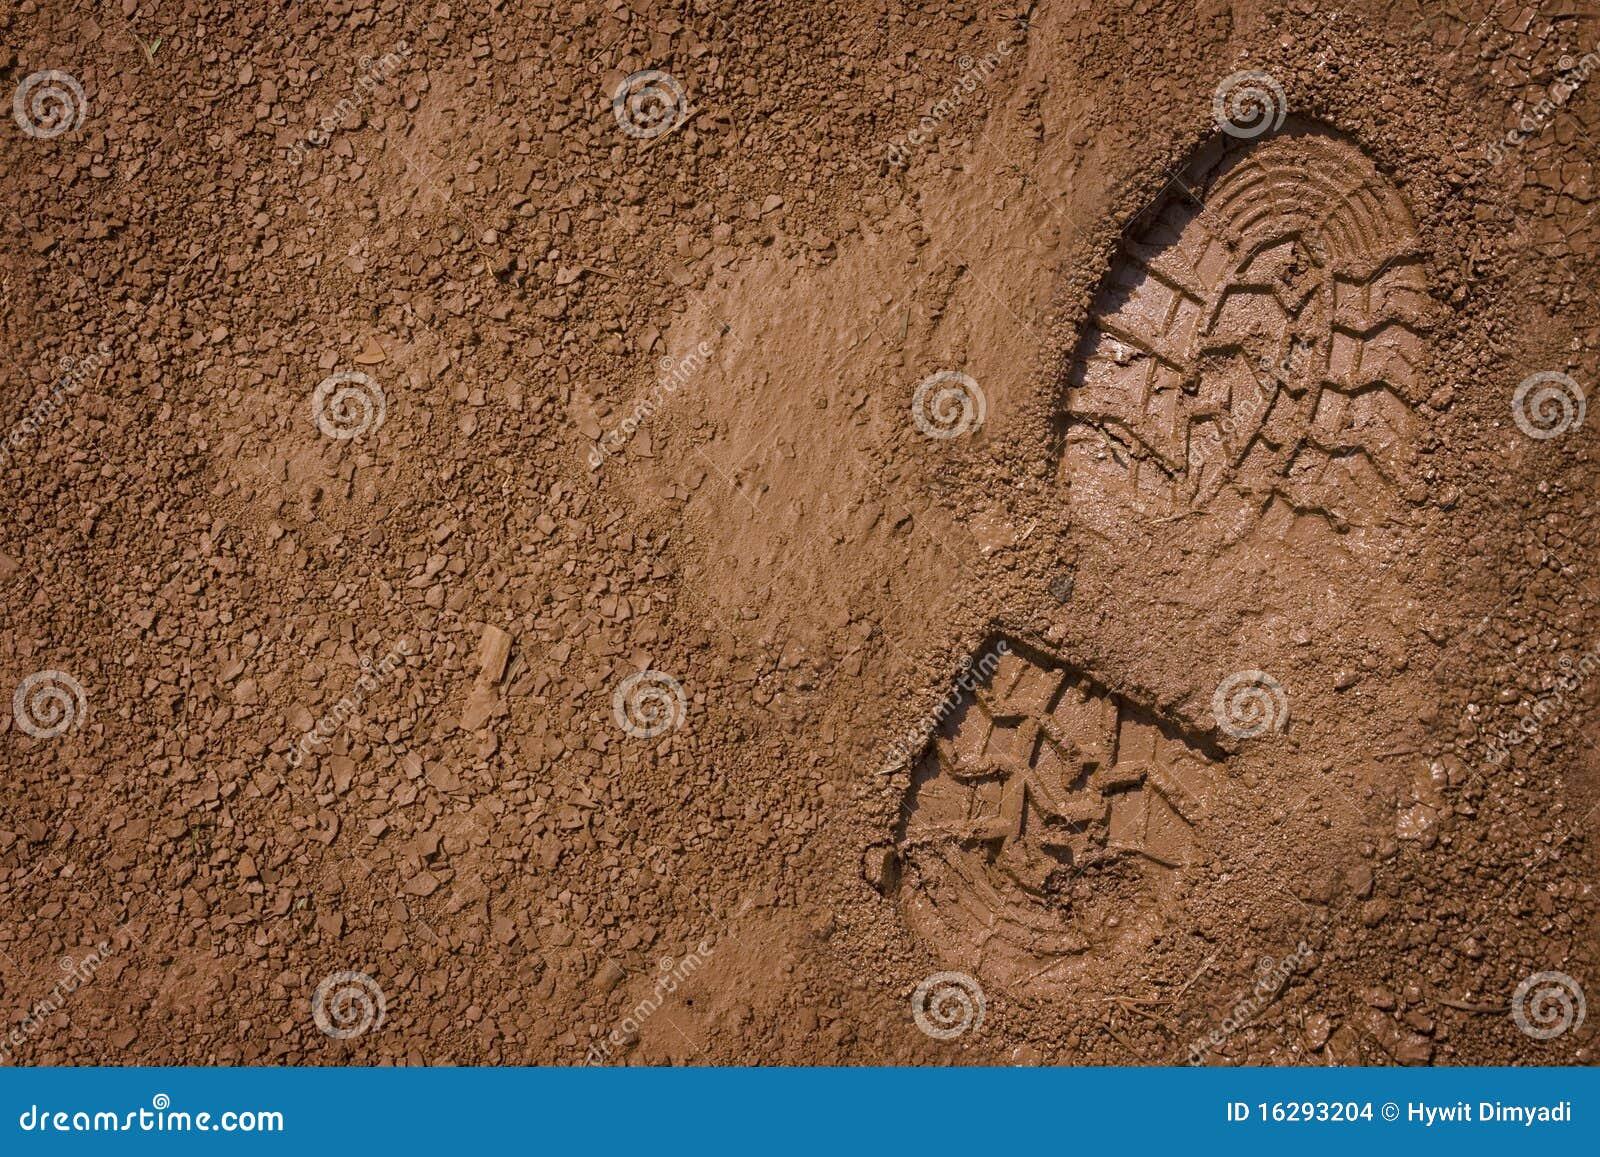 Bootprint on mud